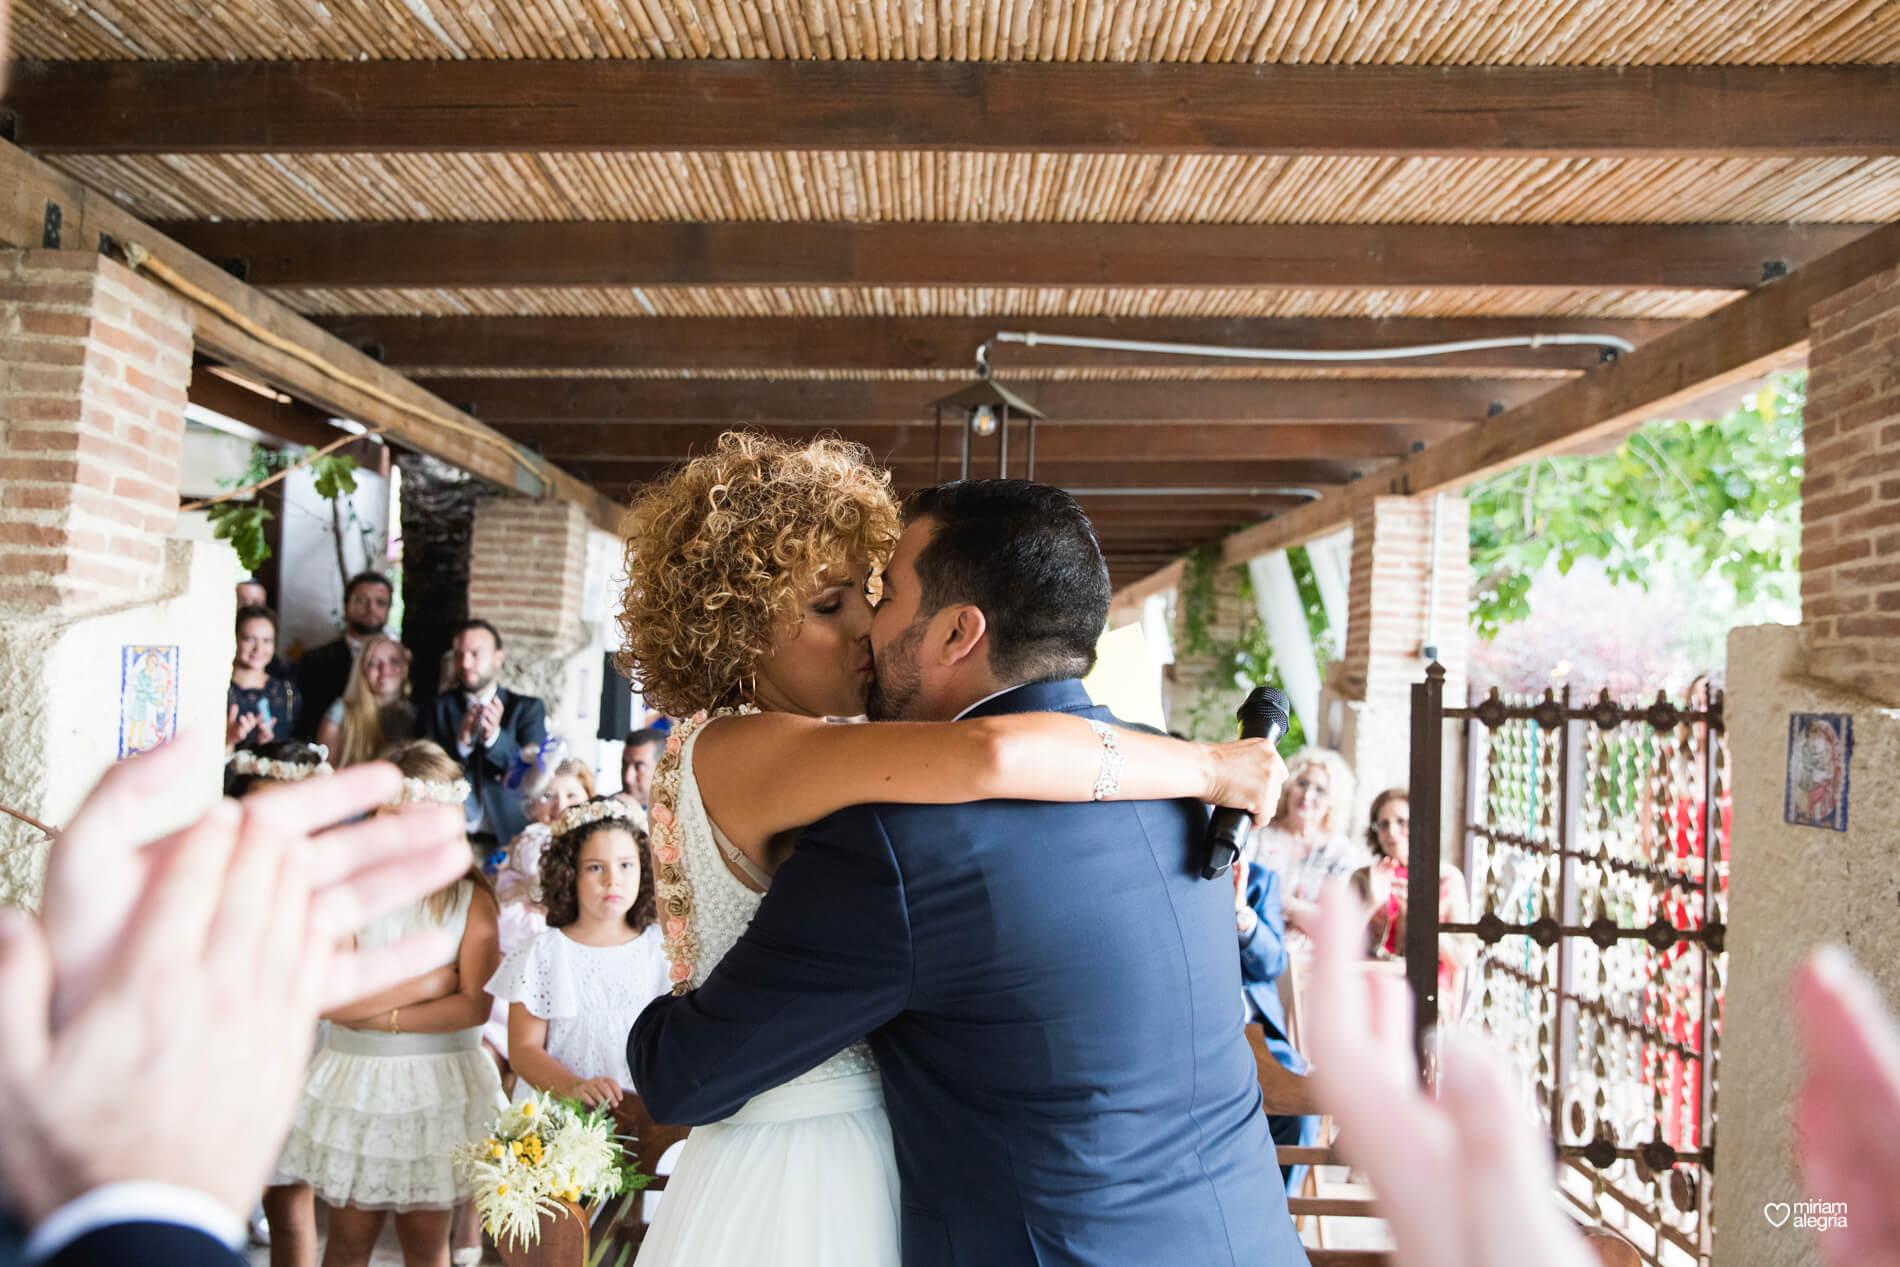 boda-en-finca-la-carrasca-miriam-alegria-79